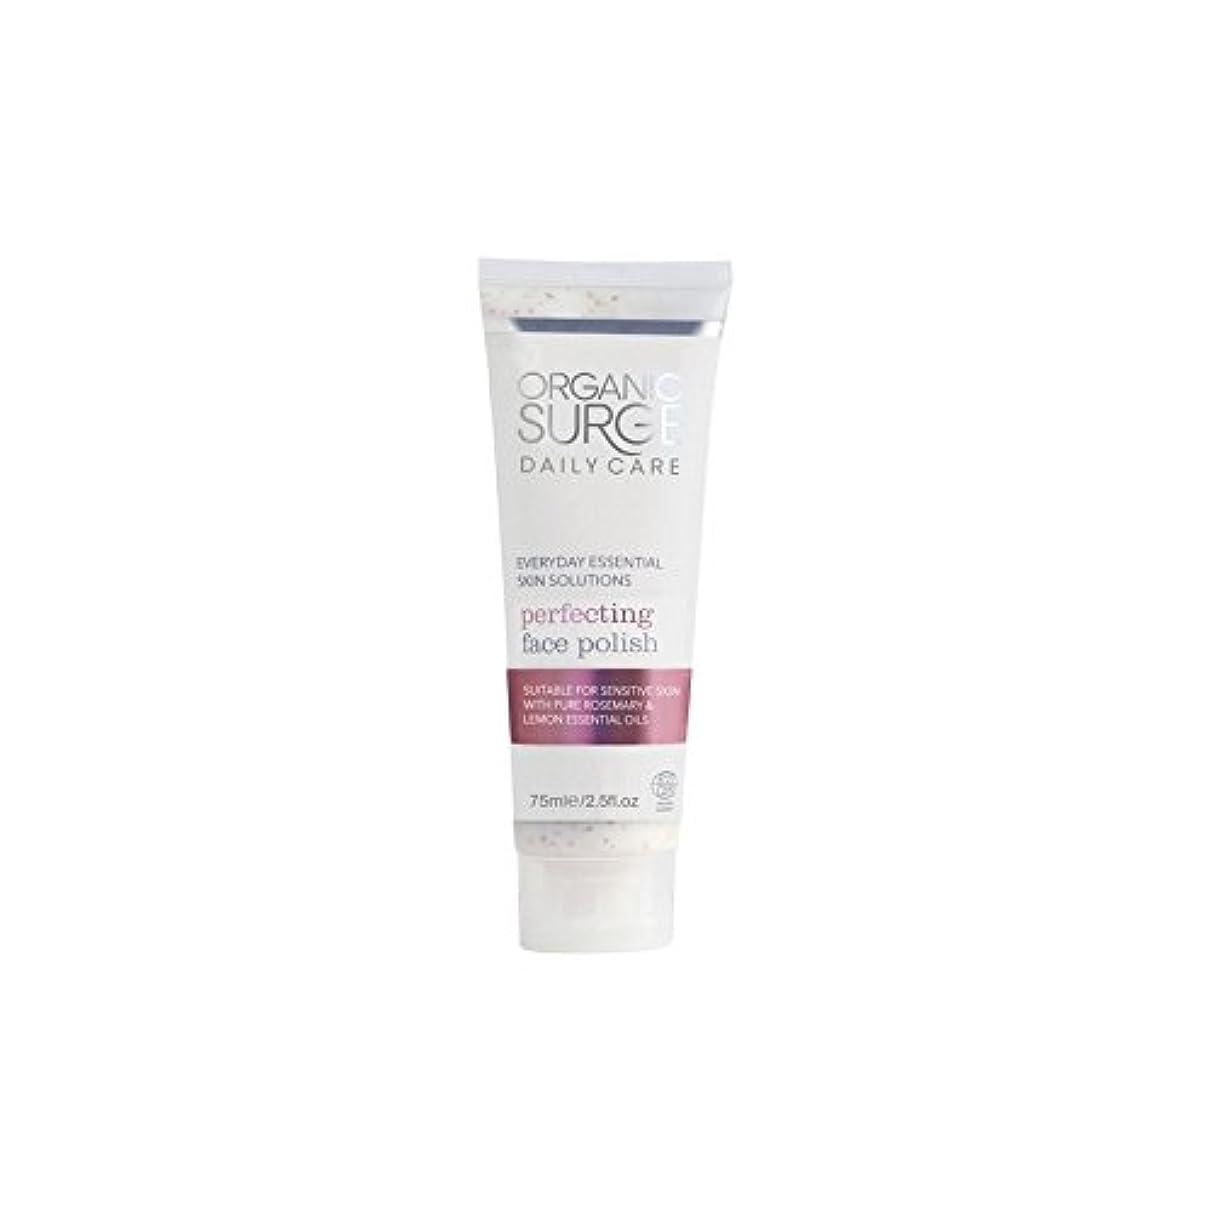 フリースウェイトレスウィザードOrganic Surge Daily Care Perfecting Face Polish (75ml) - 面研磨を完成有機サージ毎日のケア(75ミリリットル) [並行輸入品]